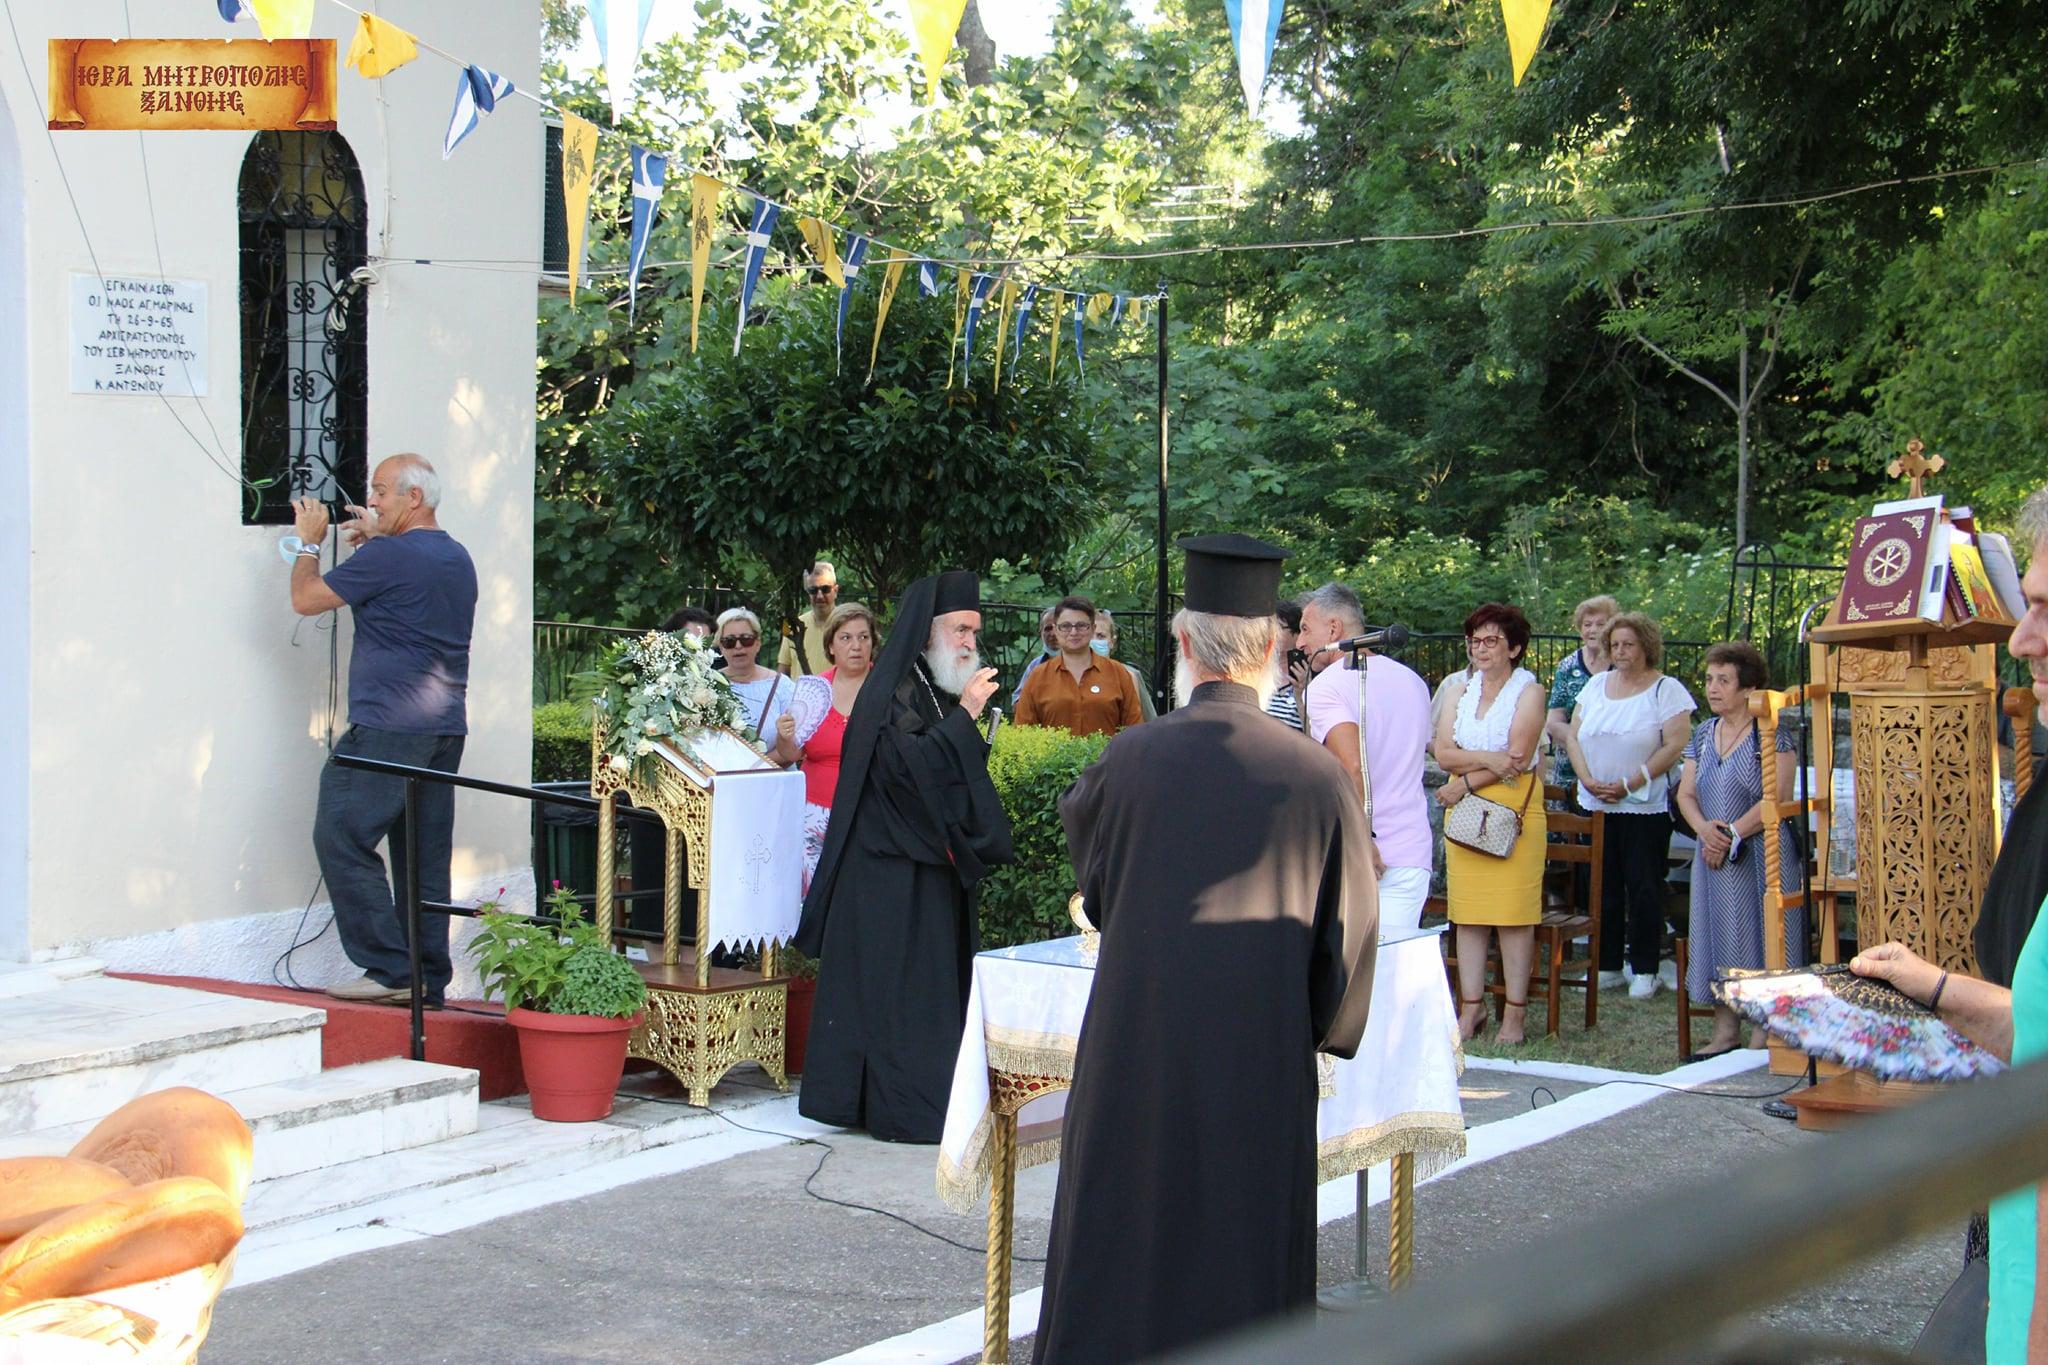 Η Ξάνθη τίμησε την Αγία Μαρίνα [ΦΩΤΟ - ΒΙΝΤΕΟ]